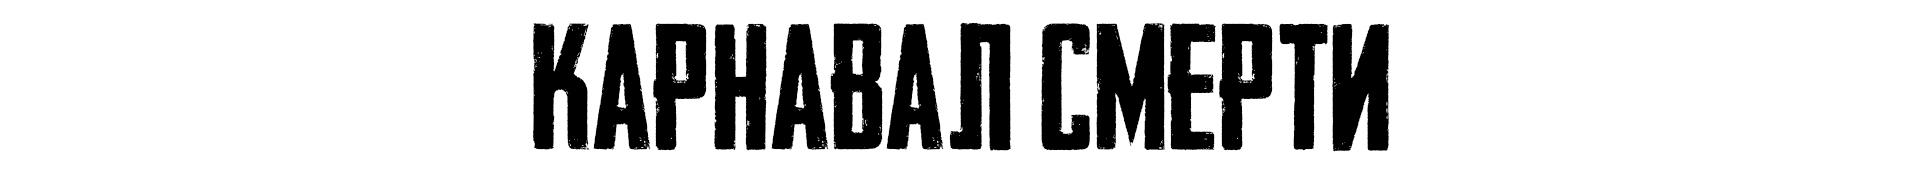 Философия мести   Ностальгический обзор игры Max Payne. - Изображение 7